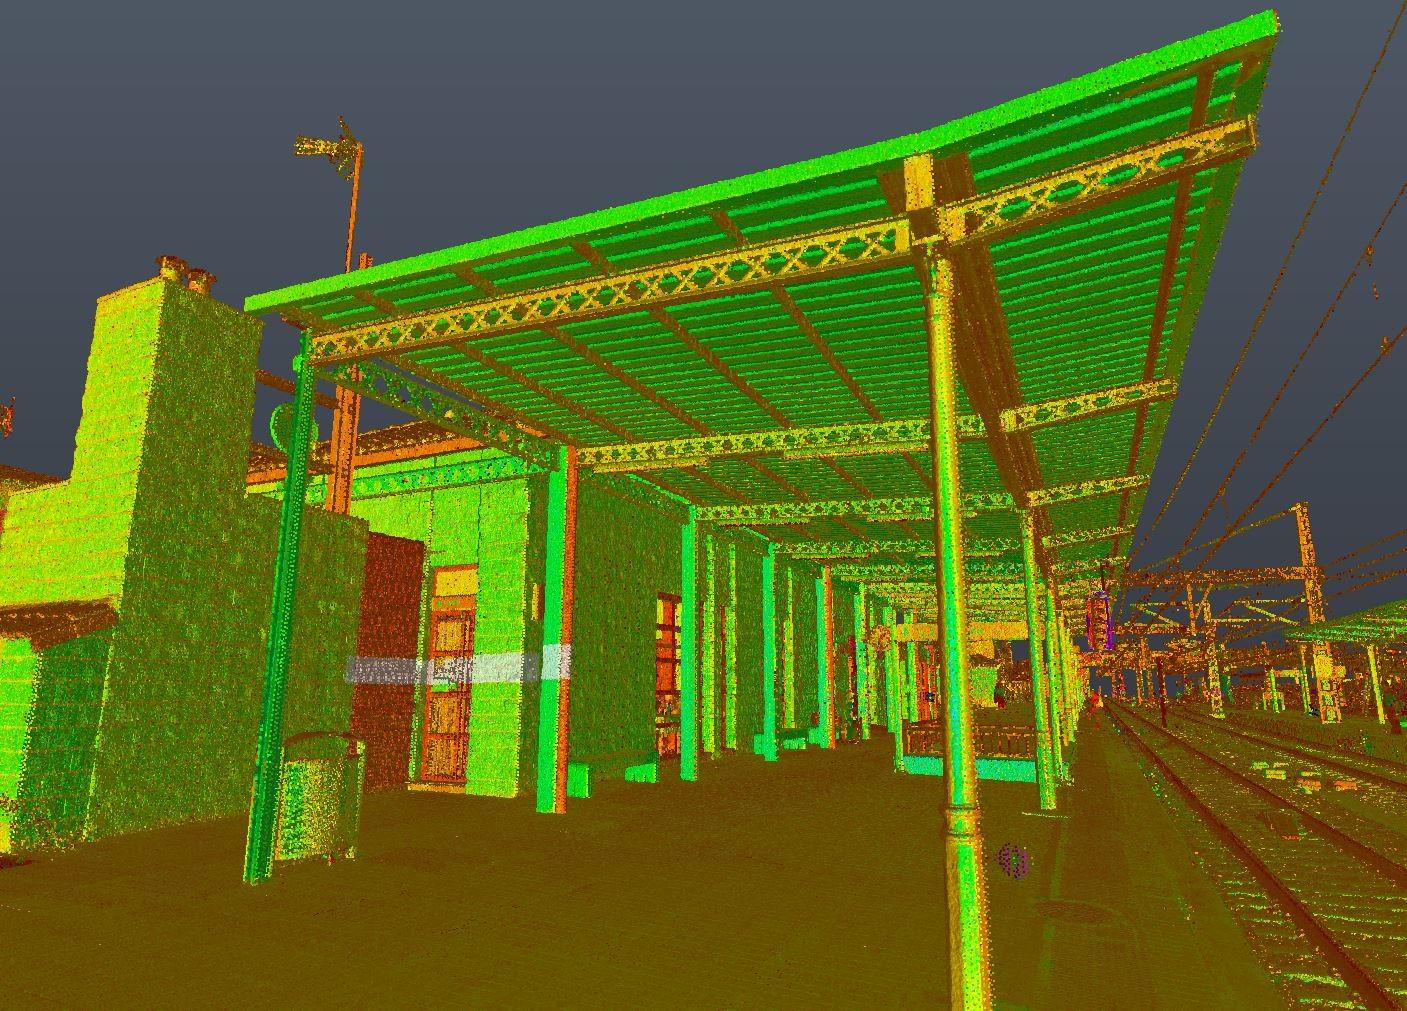 laser-escaner-tarrienta1